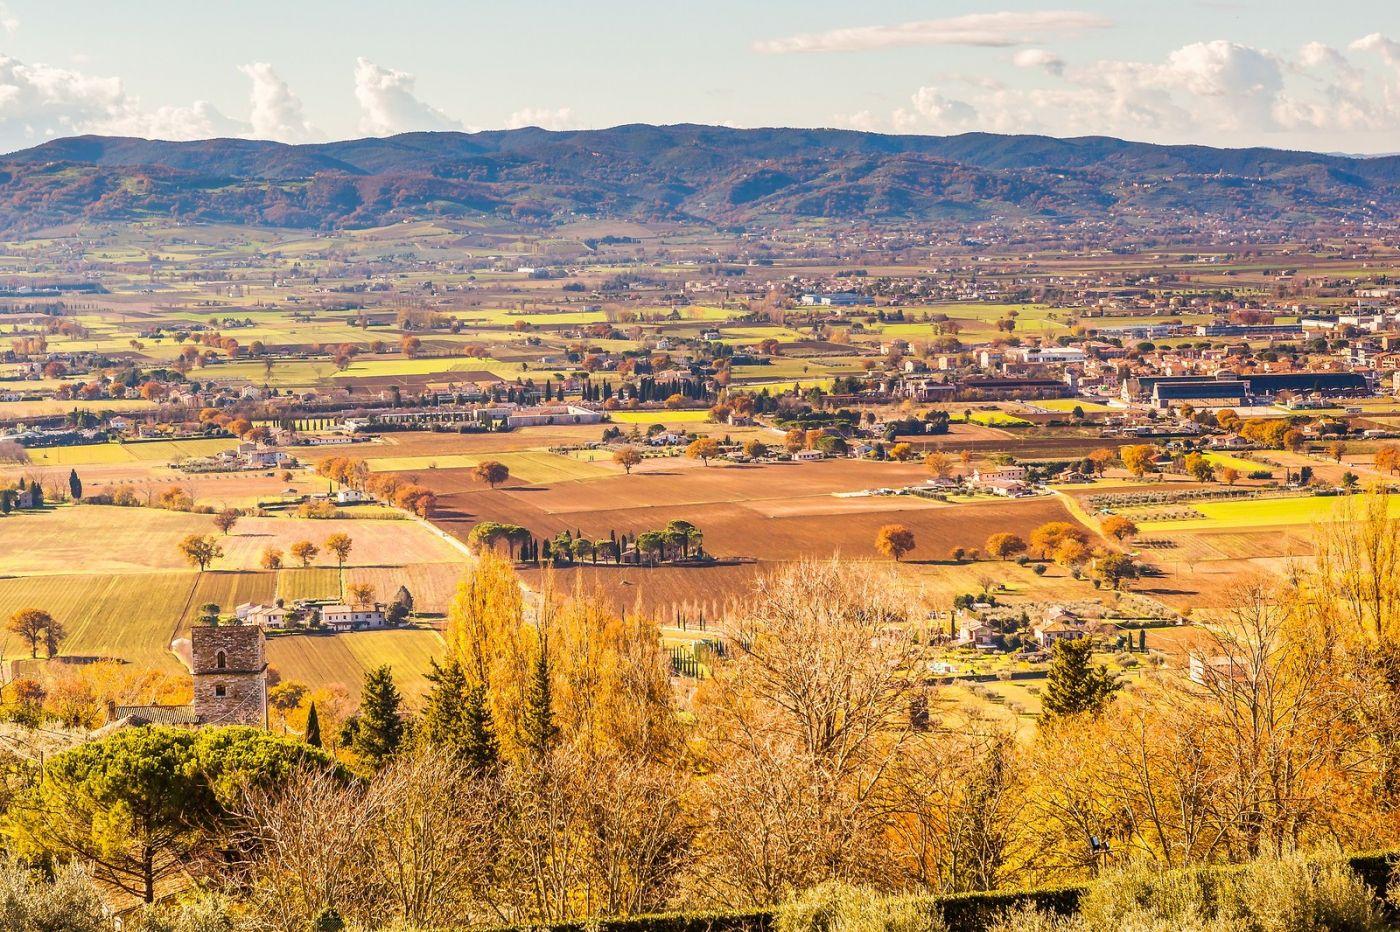 意大利阿西西(Assisi), 登高放眼_图1-15